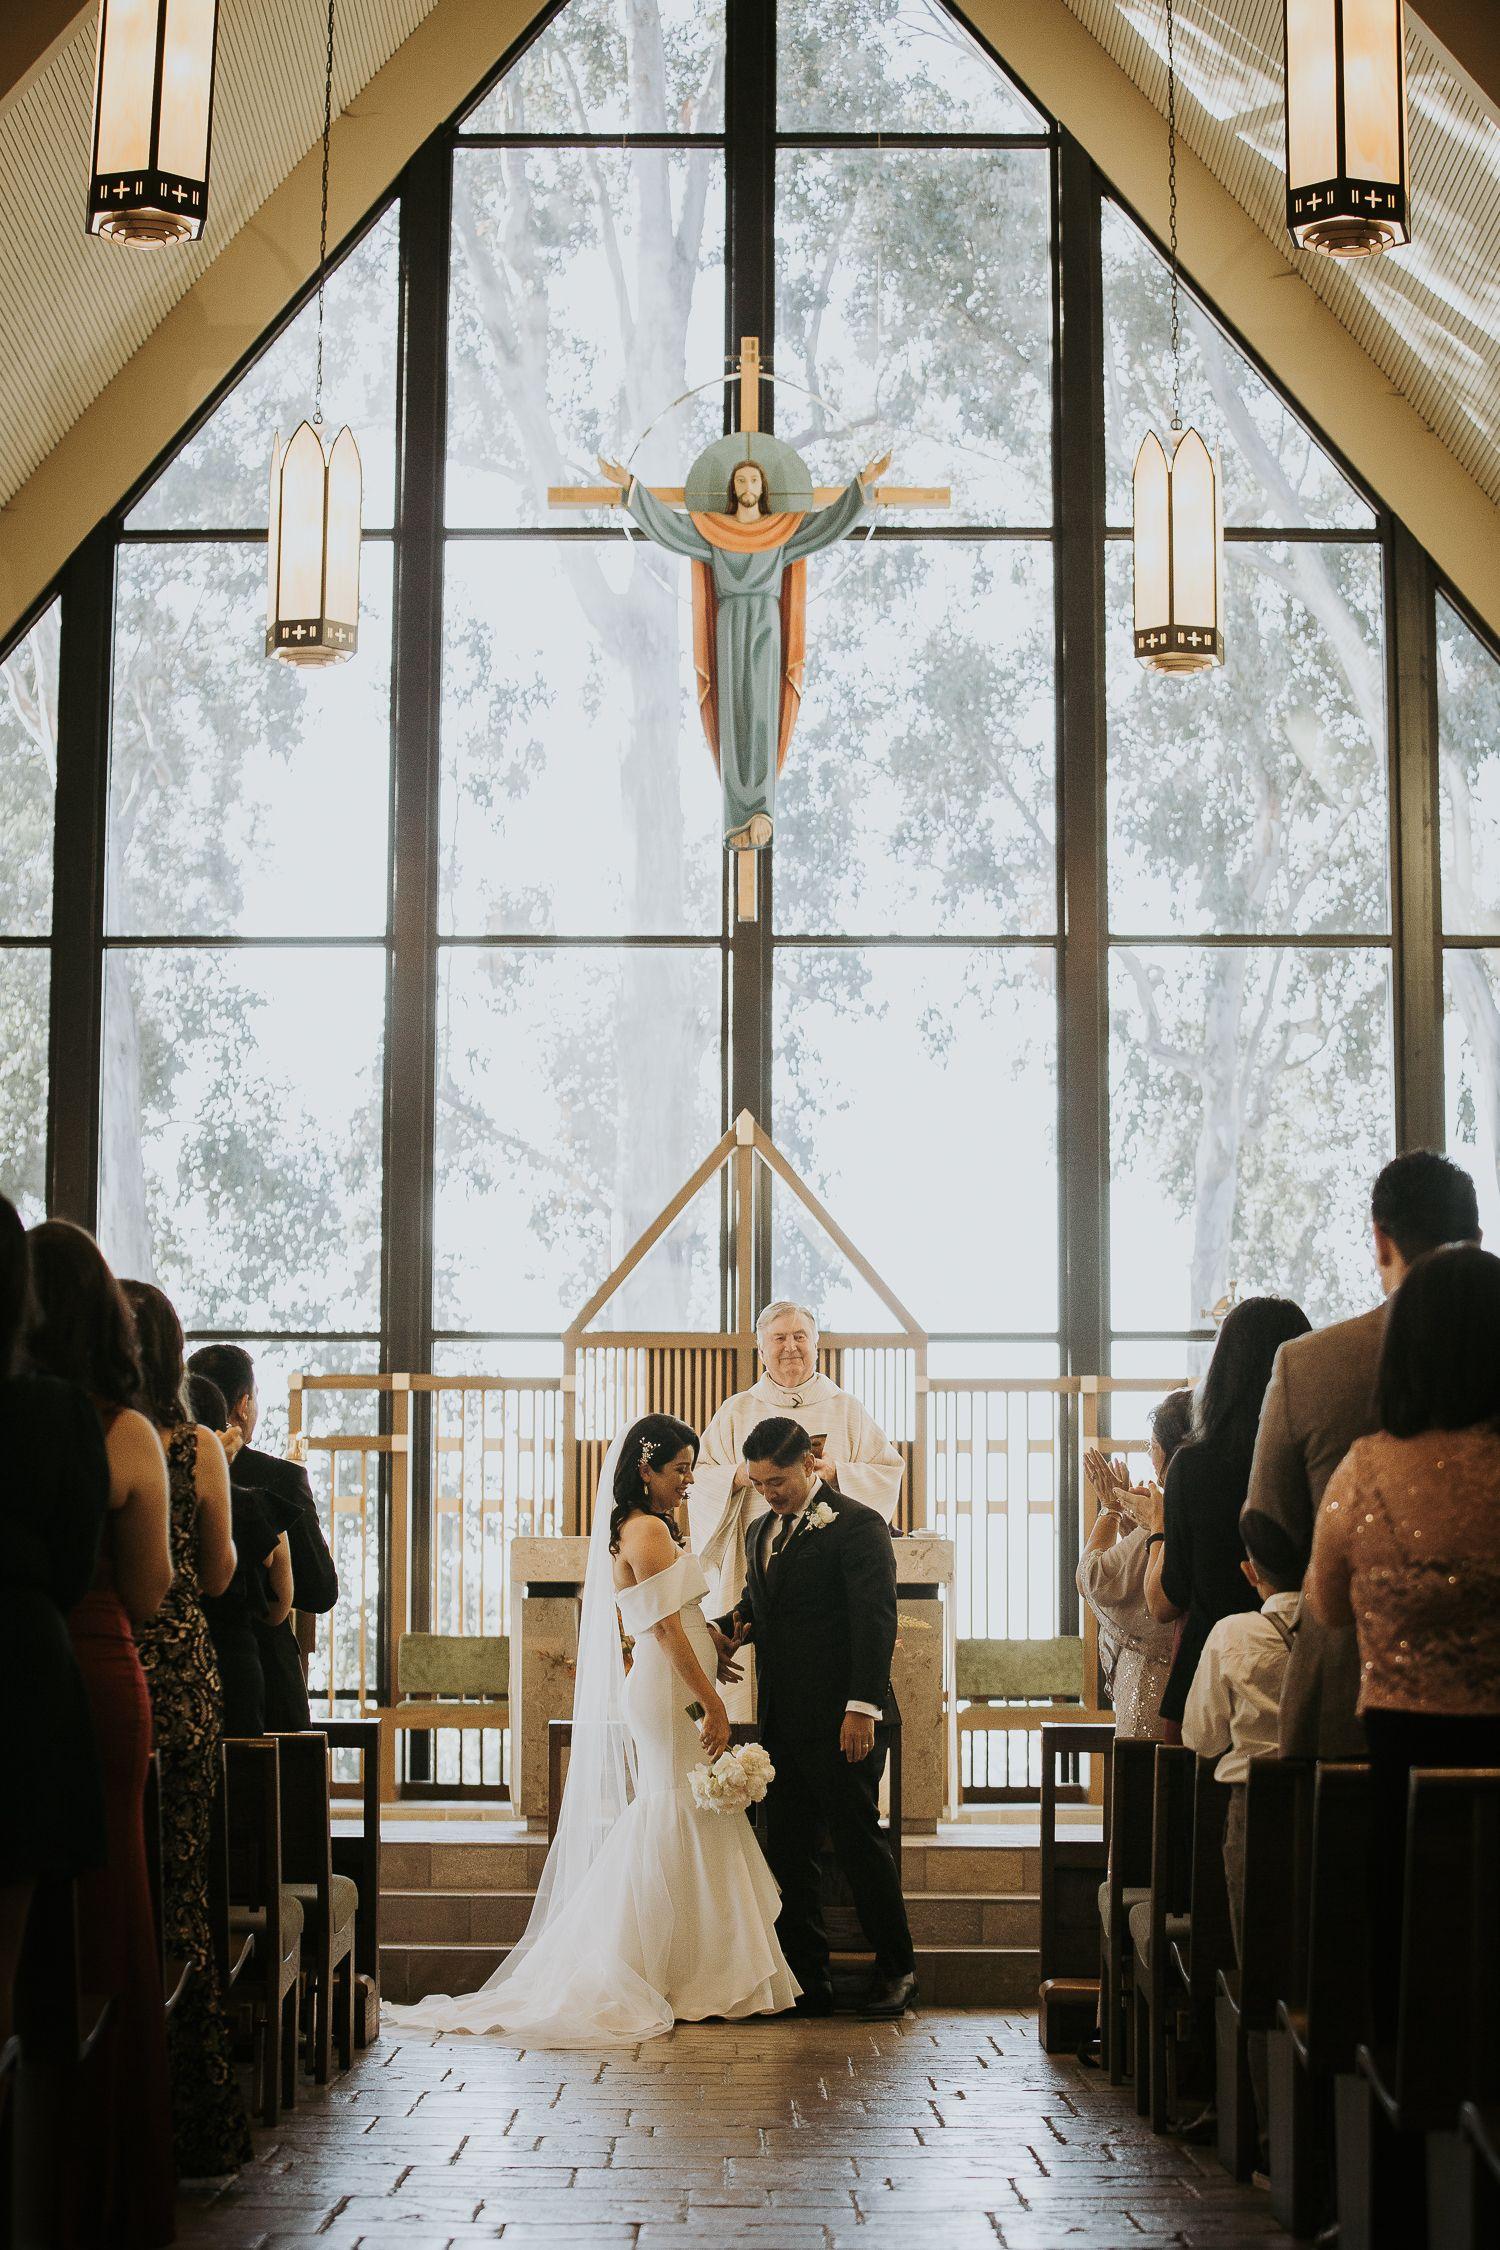 Catholic Church Wedding Ceremony In 2020 Catholic Wedding Ceremony Church Wedding Ceremony Wedding Church Decor